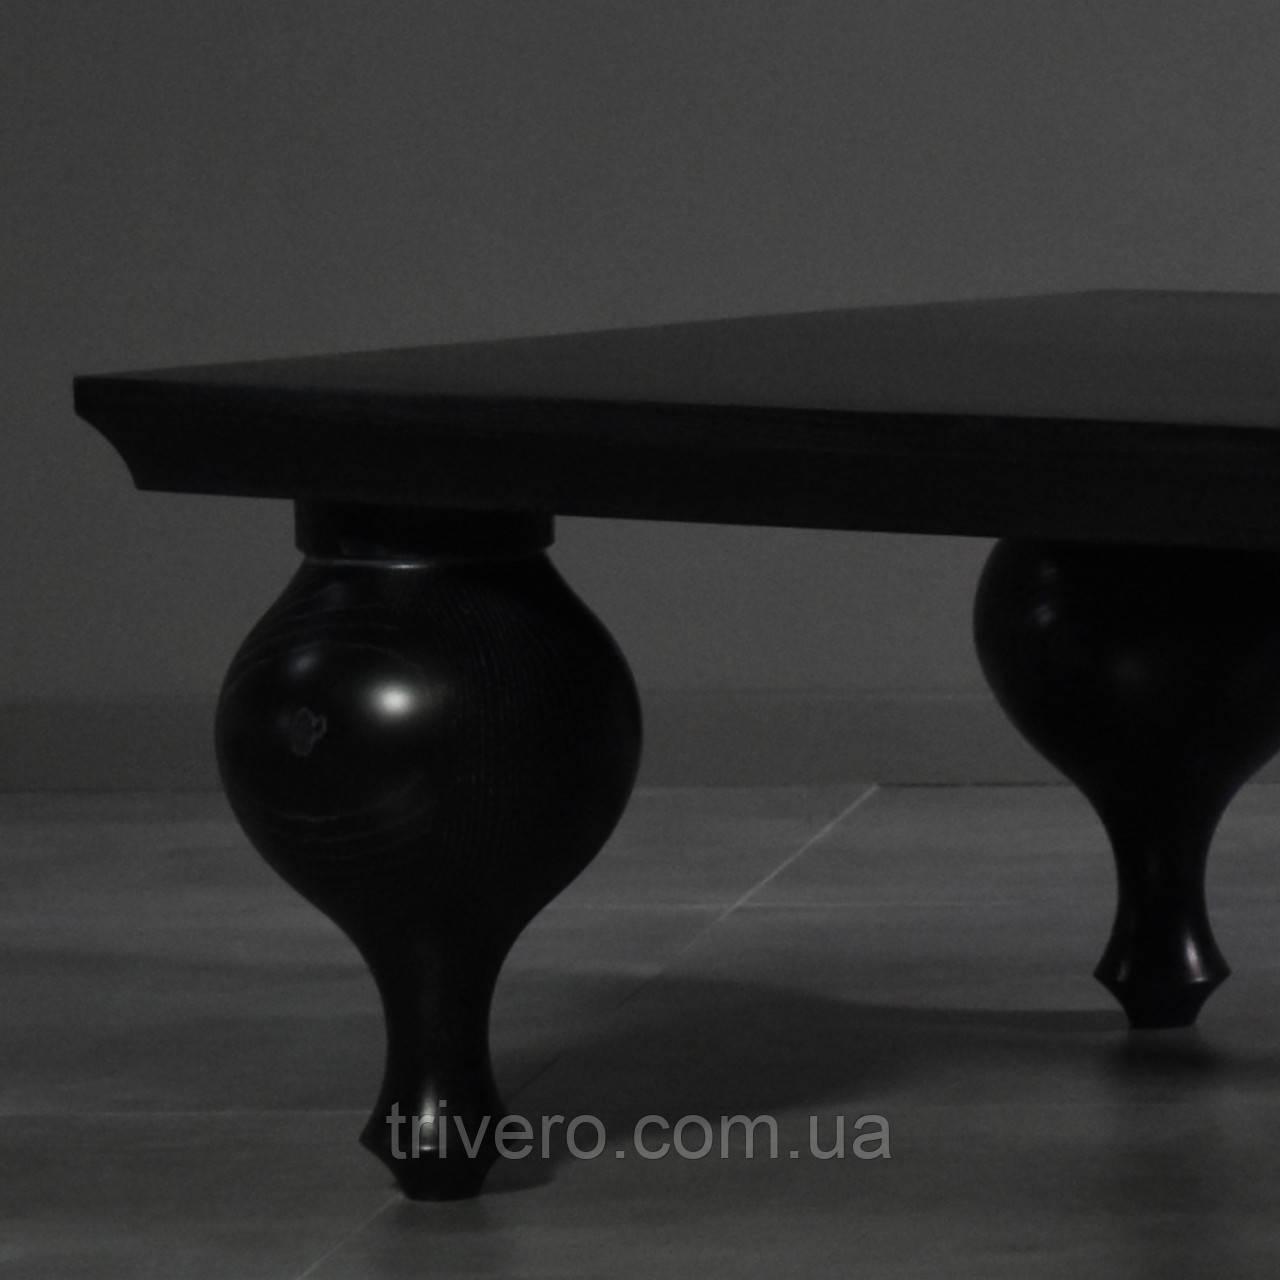 Меблеві ніжки і опори дерев'яні для журнального столика H. 260 D. 160 / Код: Ніжка-45